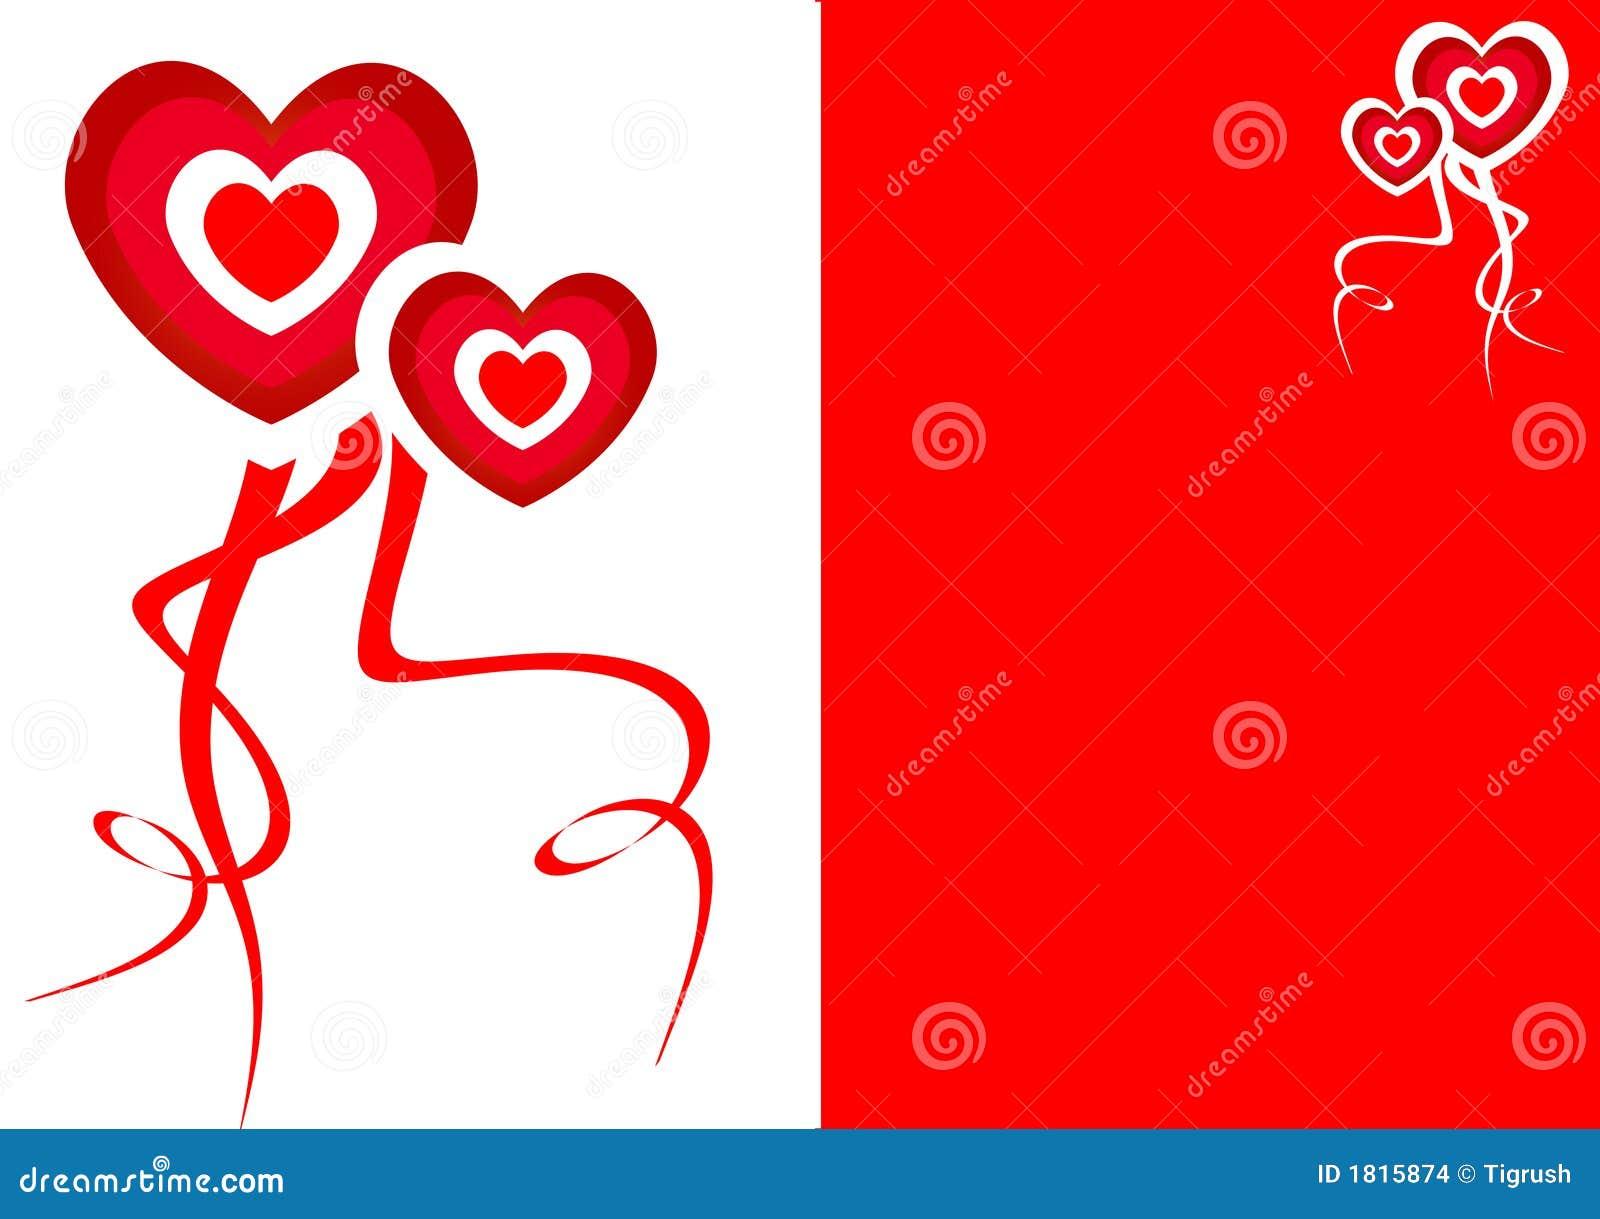 Tarjetas de amor online dating